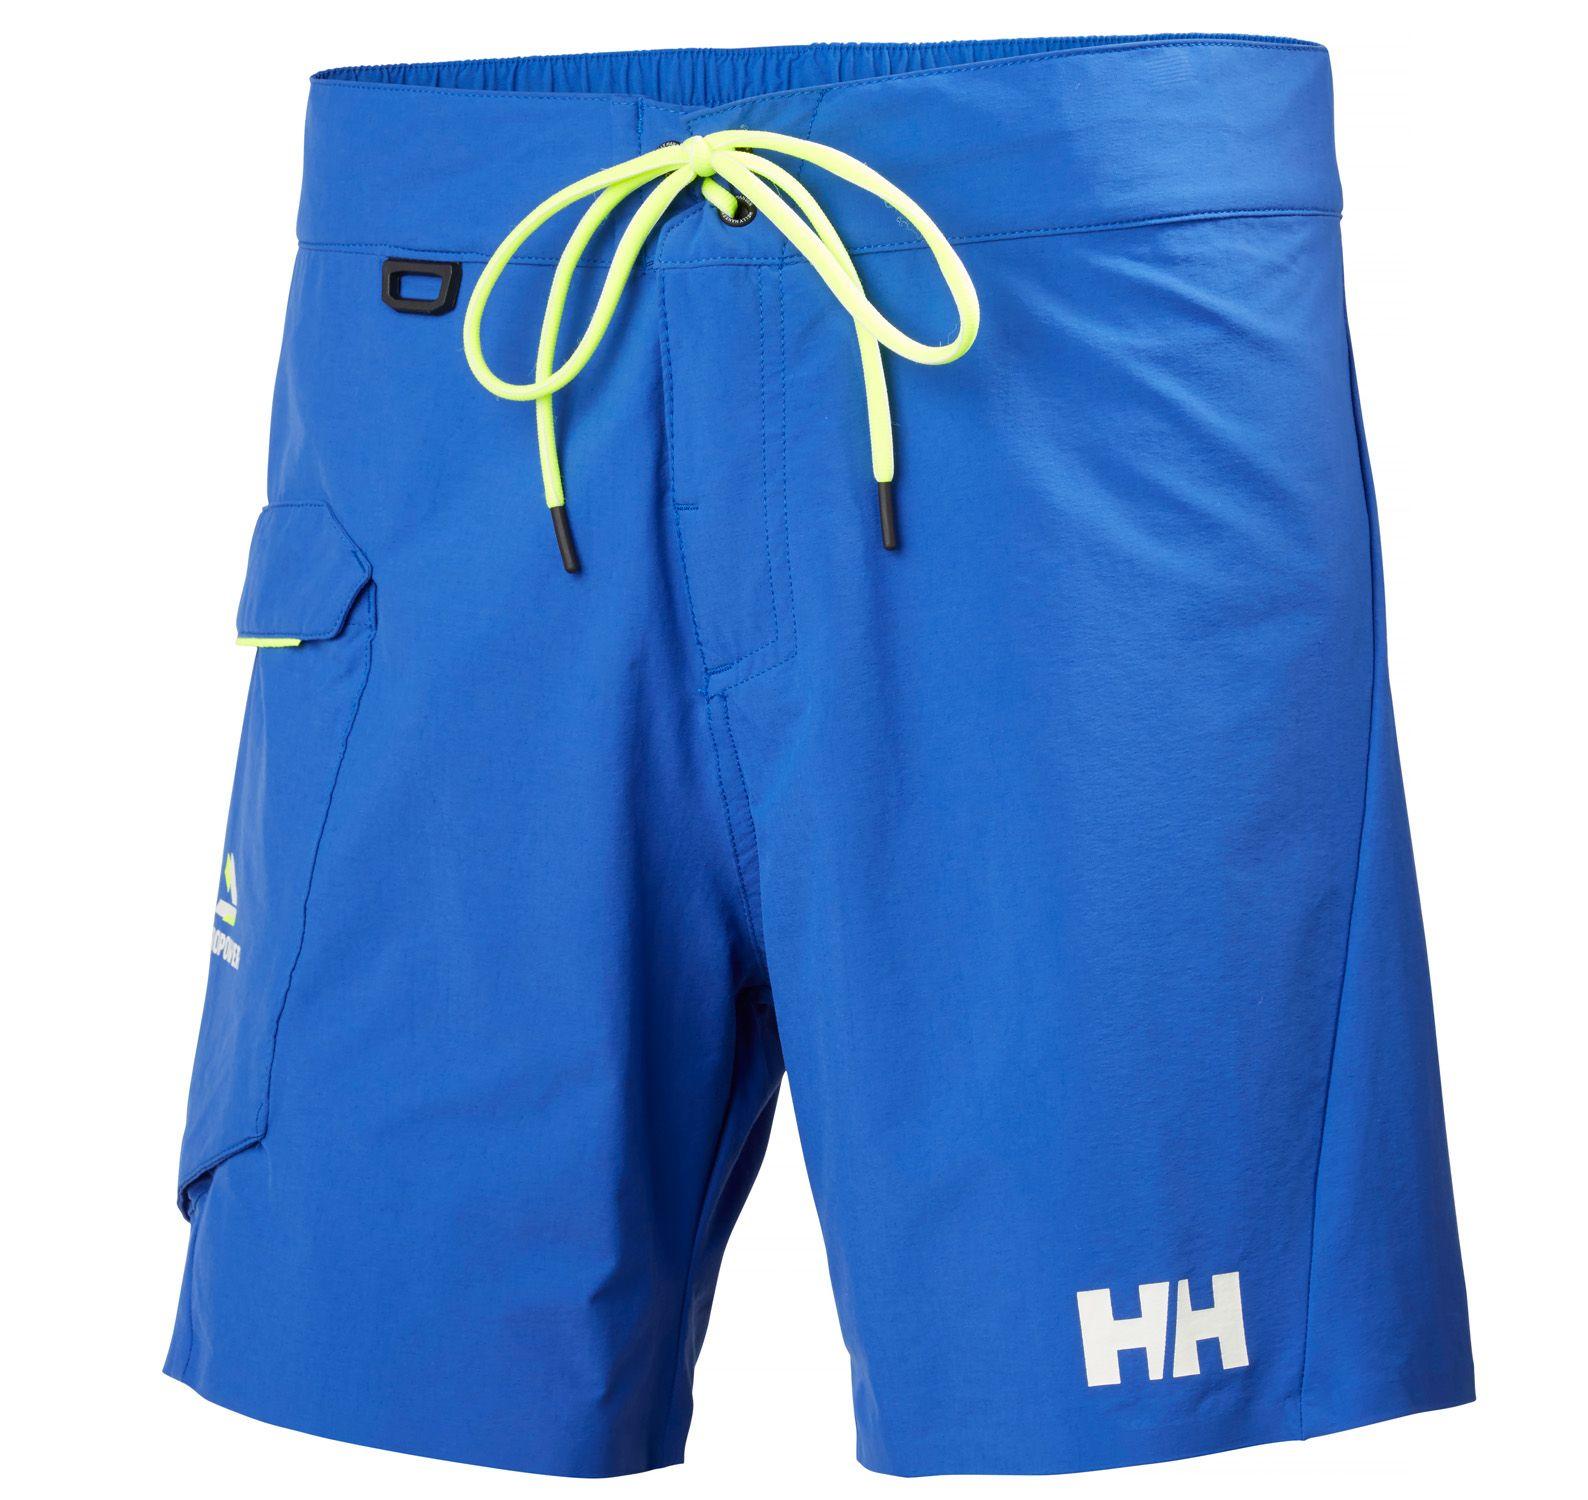 hp shore trunk, 564 olympian blue, 28